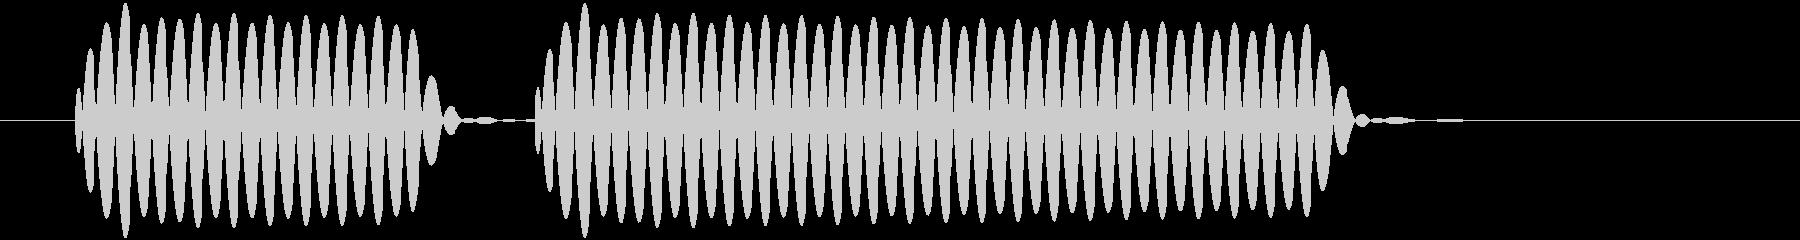 NG音(ブブー)の未再生の波形